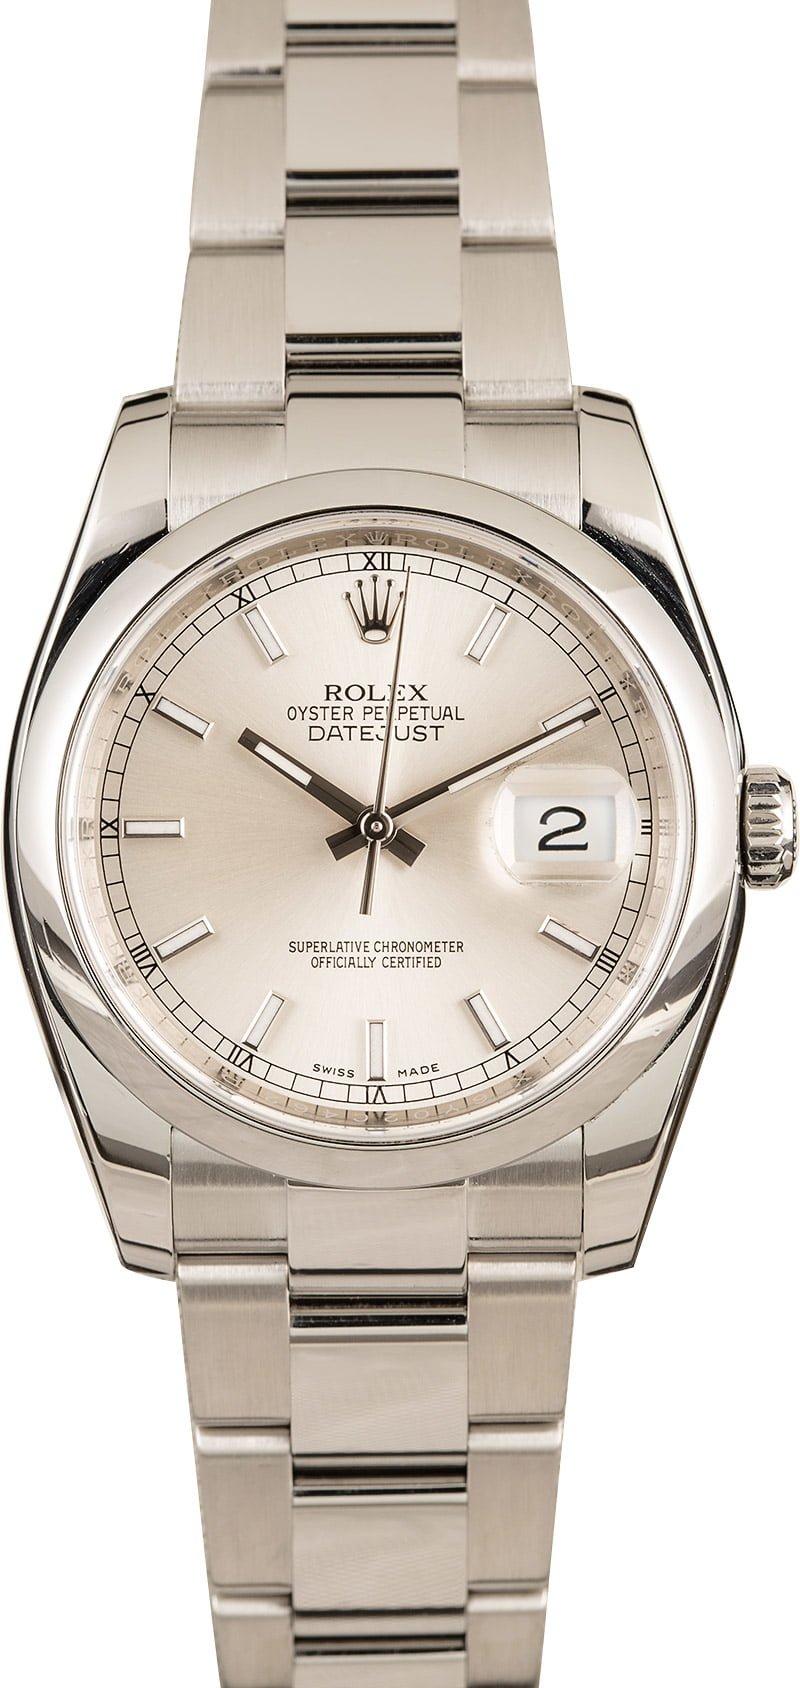 Which Celebrities Wear the Rolex Datejust? 116200 Daniel Craig